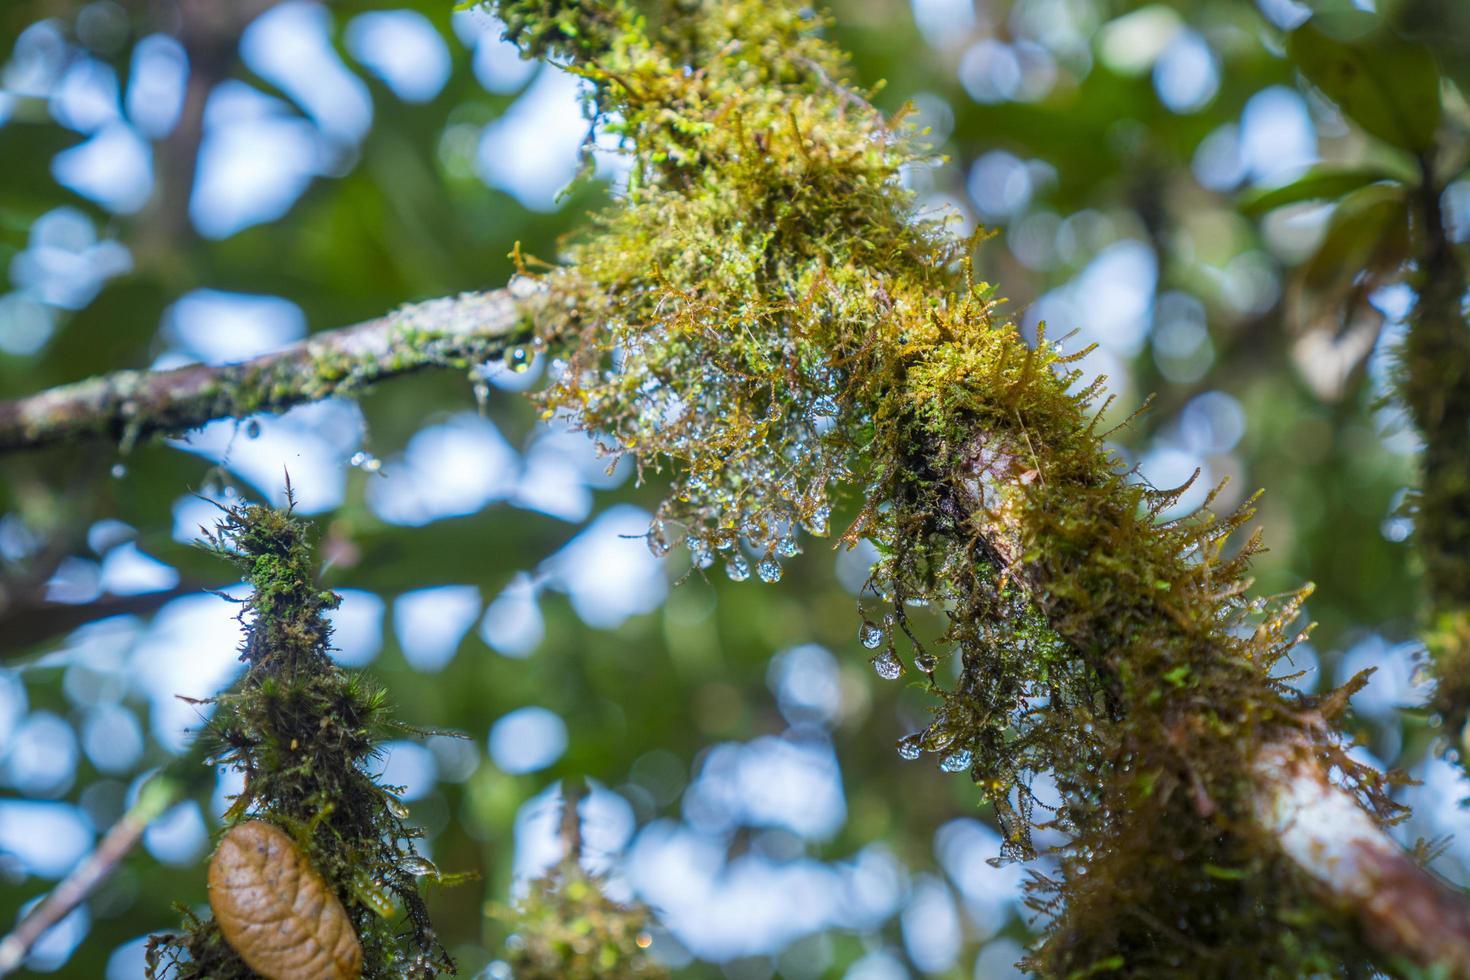 mousse verte sur un arbre photo